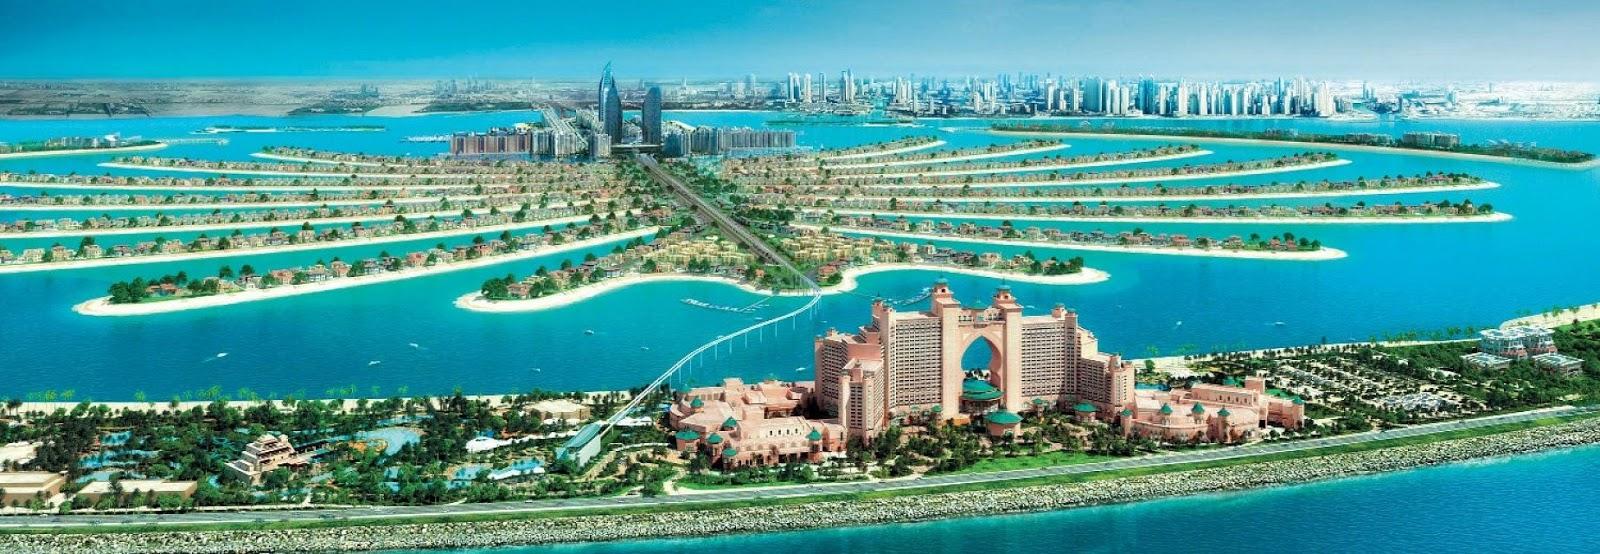 Dubai wallpaper 4k